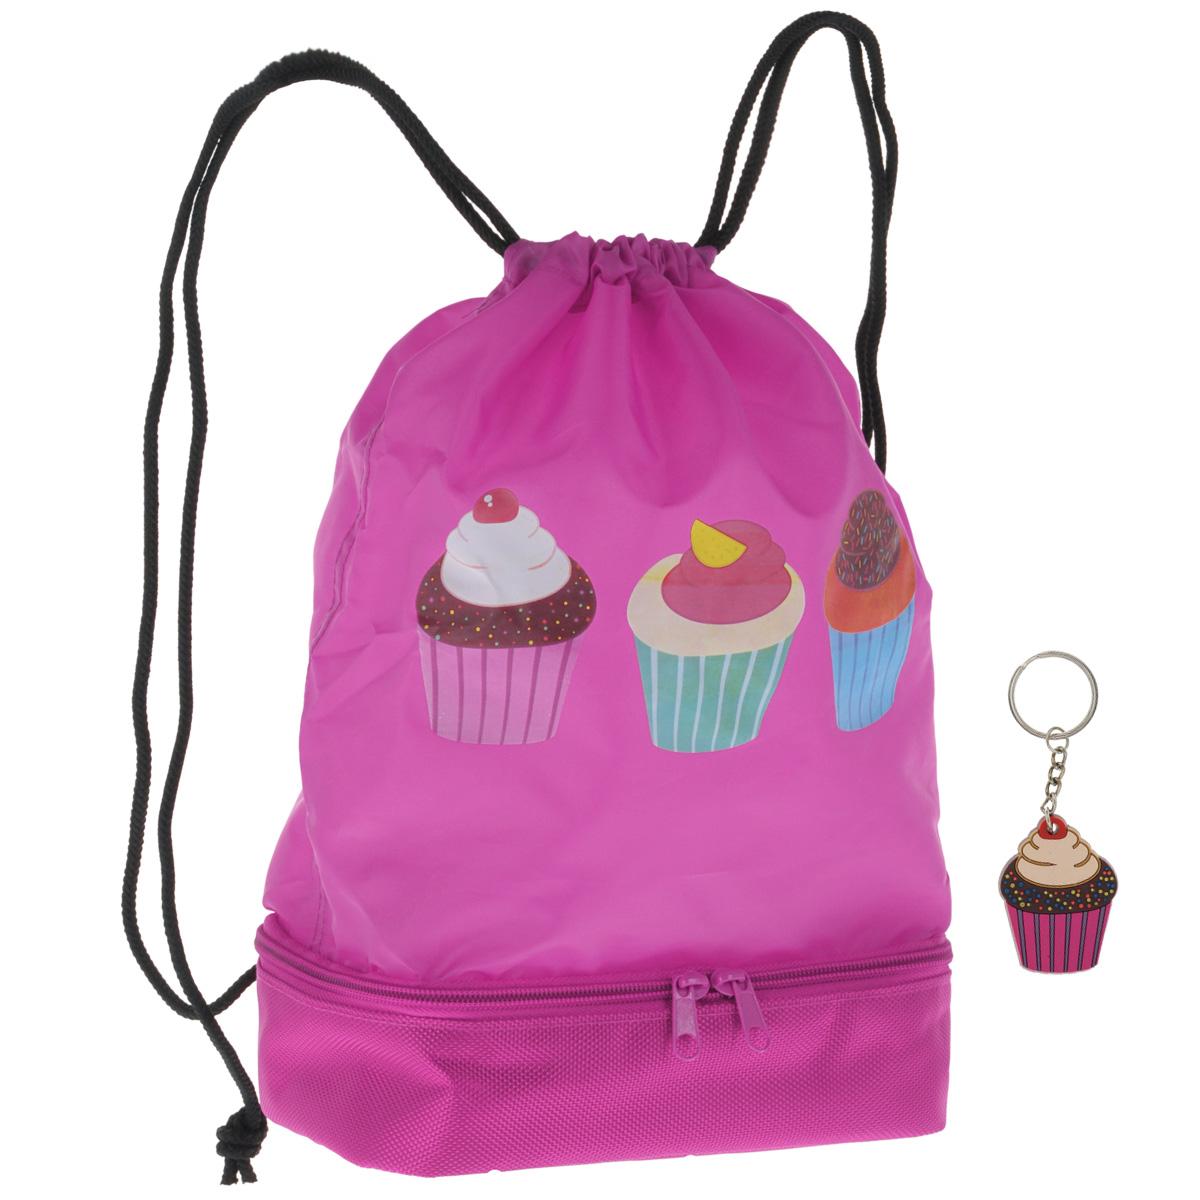 Рюкзак-термоланчбокс Iris Barcelona Snack Rico, цвет: розовыйVT-1520(SR)В рюкзаке Iris Barcelona Snack Rico два-в-одном найдется и место для целого обеда, который соберет заботливая мама, и место для всего, что может понадобиться в любой момент: халата или пижамы, свитера, дождевика, книжек, пенала и многого другого! Нижнее изотермическое отделение обладает большой вместительностью и позволяет взять с собой бутерброды, фрукты и разные сладости, а благодаря специальному сетчатому кармашку ребенок не забудет воспользоваться салфеткой.Можно носить как обычный рюкзак. Благодаря регулировке шнурков, можно выбрать наиболее удобную длину. В комплект входит подарок - забавный брелок для ключей из коллекции Snack Rico.